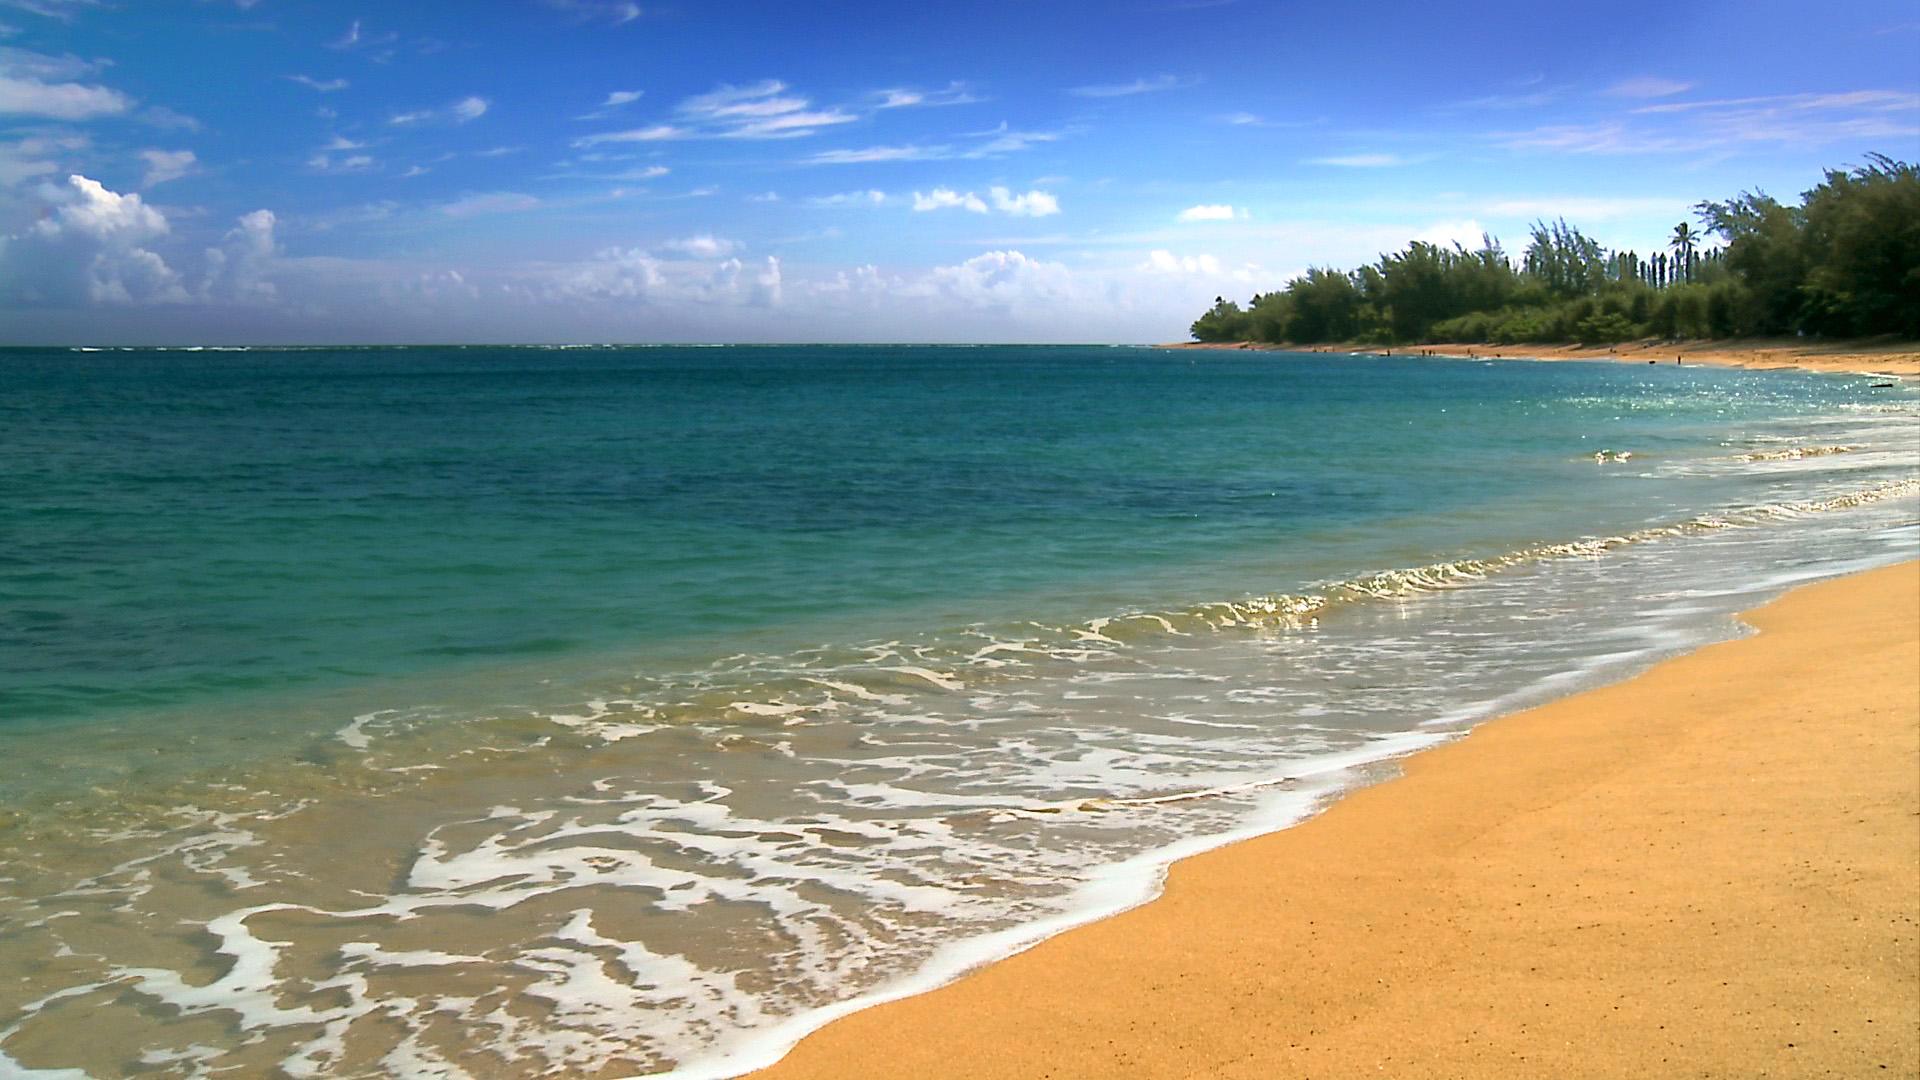 beach wallpapers hawaii beach hd wallpapers hawaii beach hd wallpapers